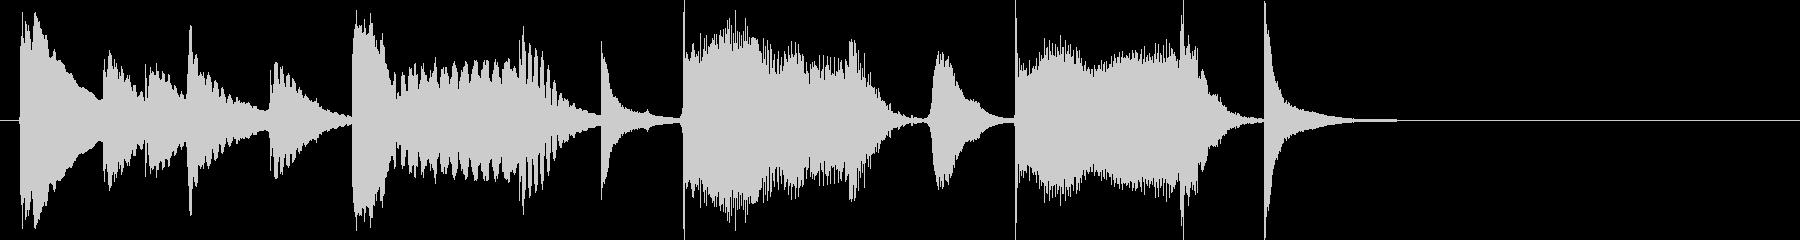 脱力&まぬけなジングルの未再生の波形